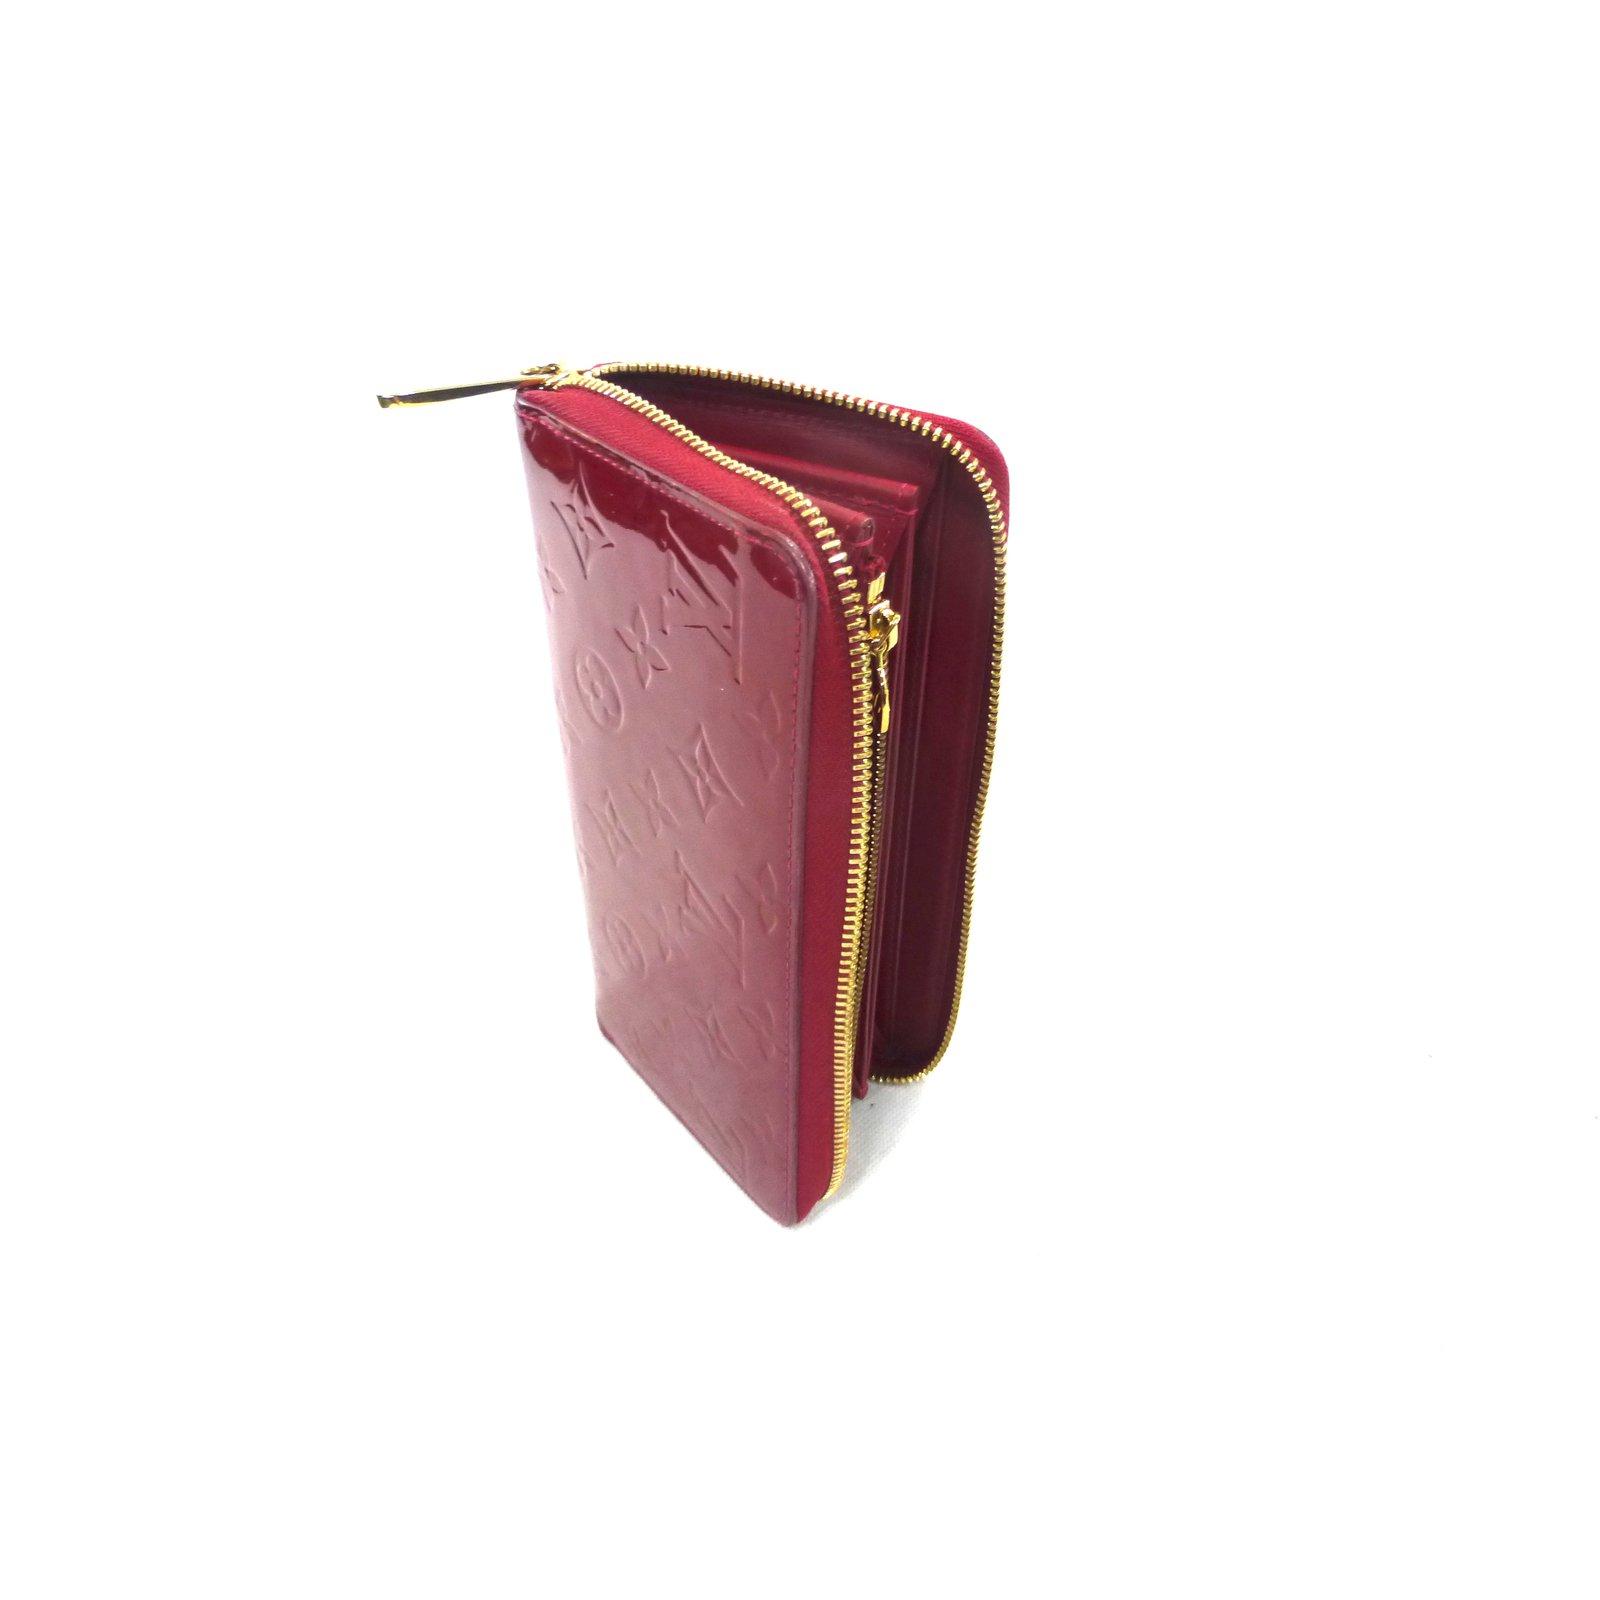 1db41c7cb2c Louis Vuitton Red zippy wallet Purses